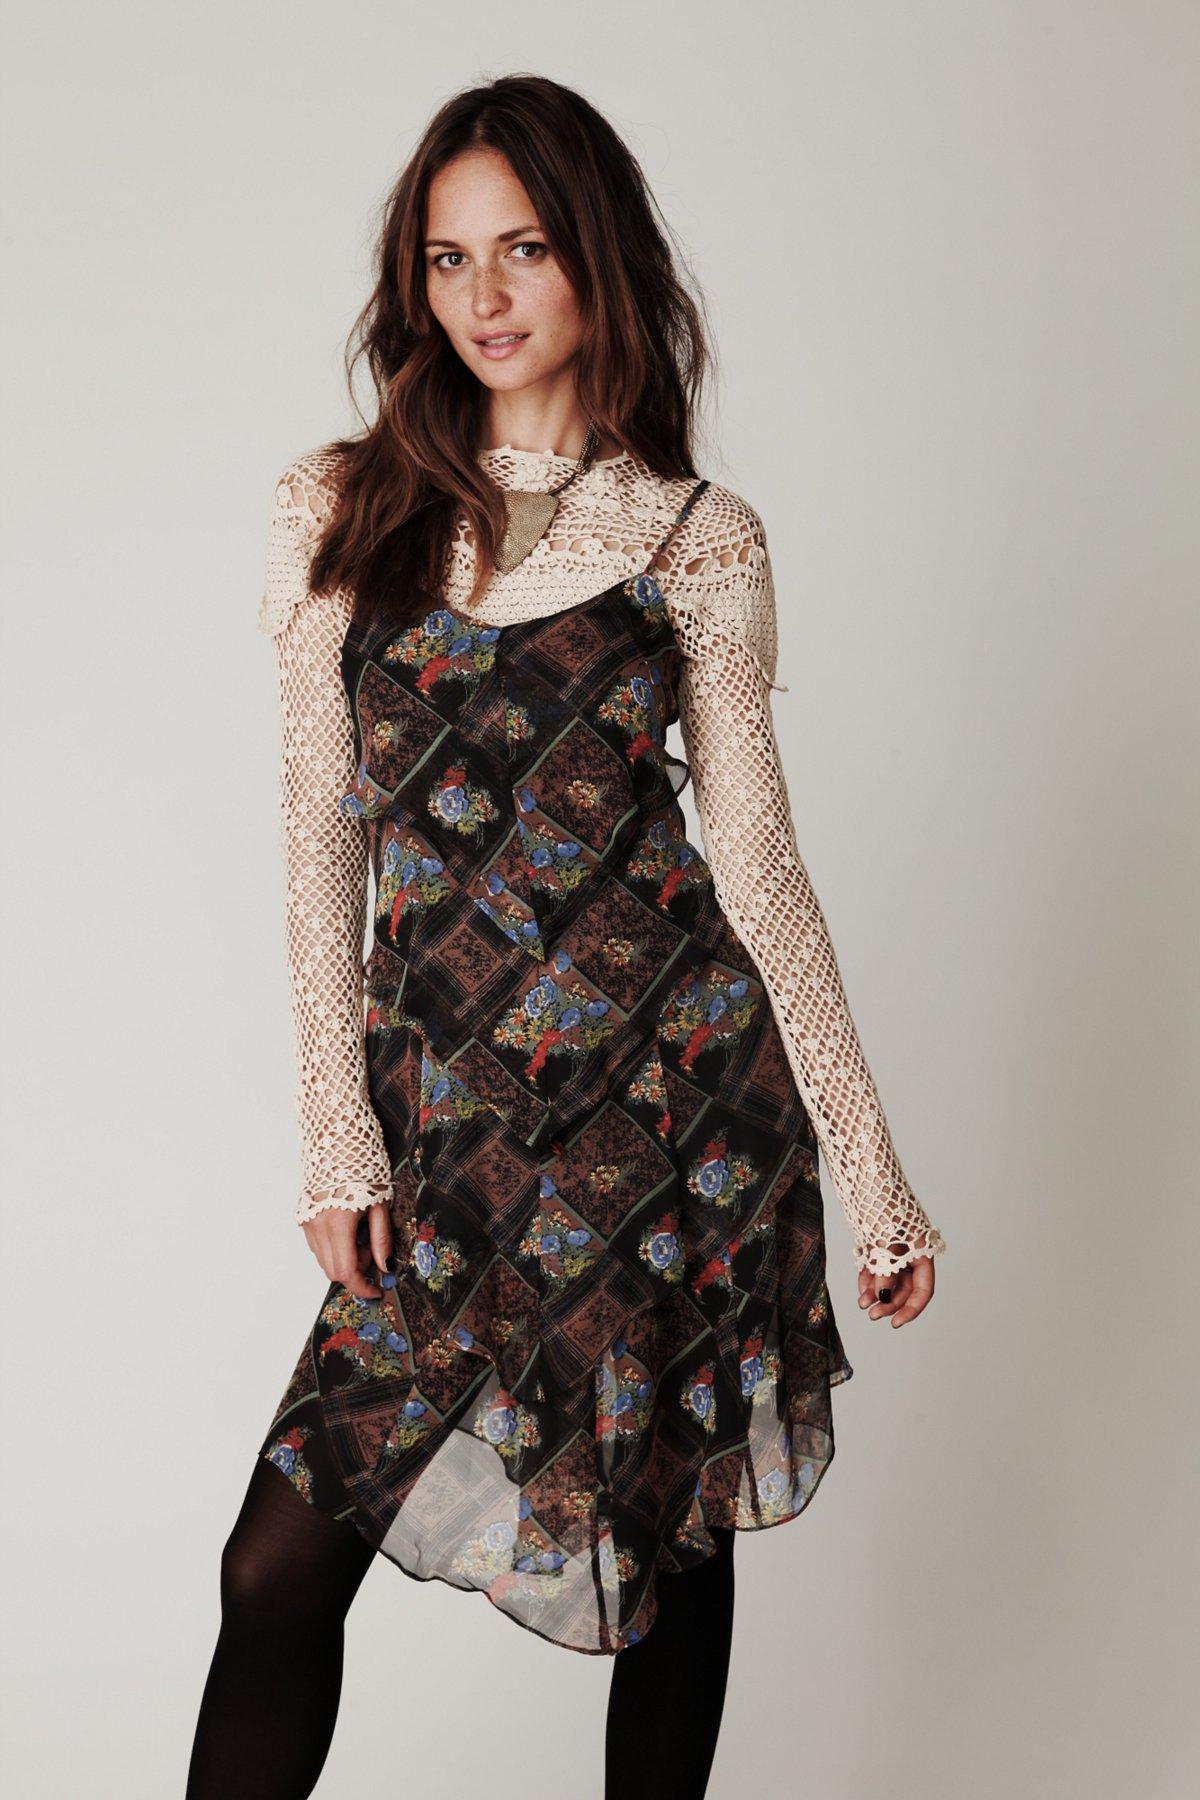 Daisy Chain Plaid Dress